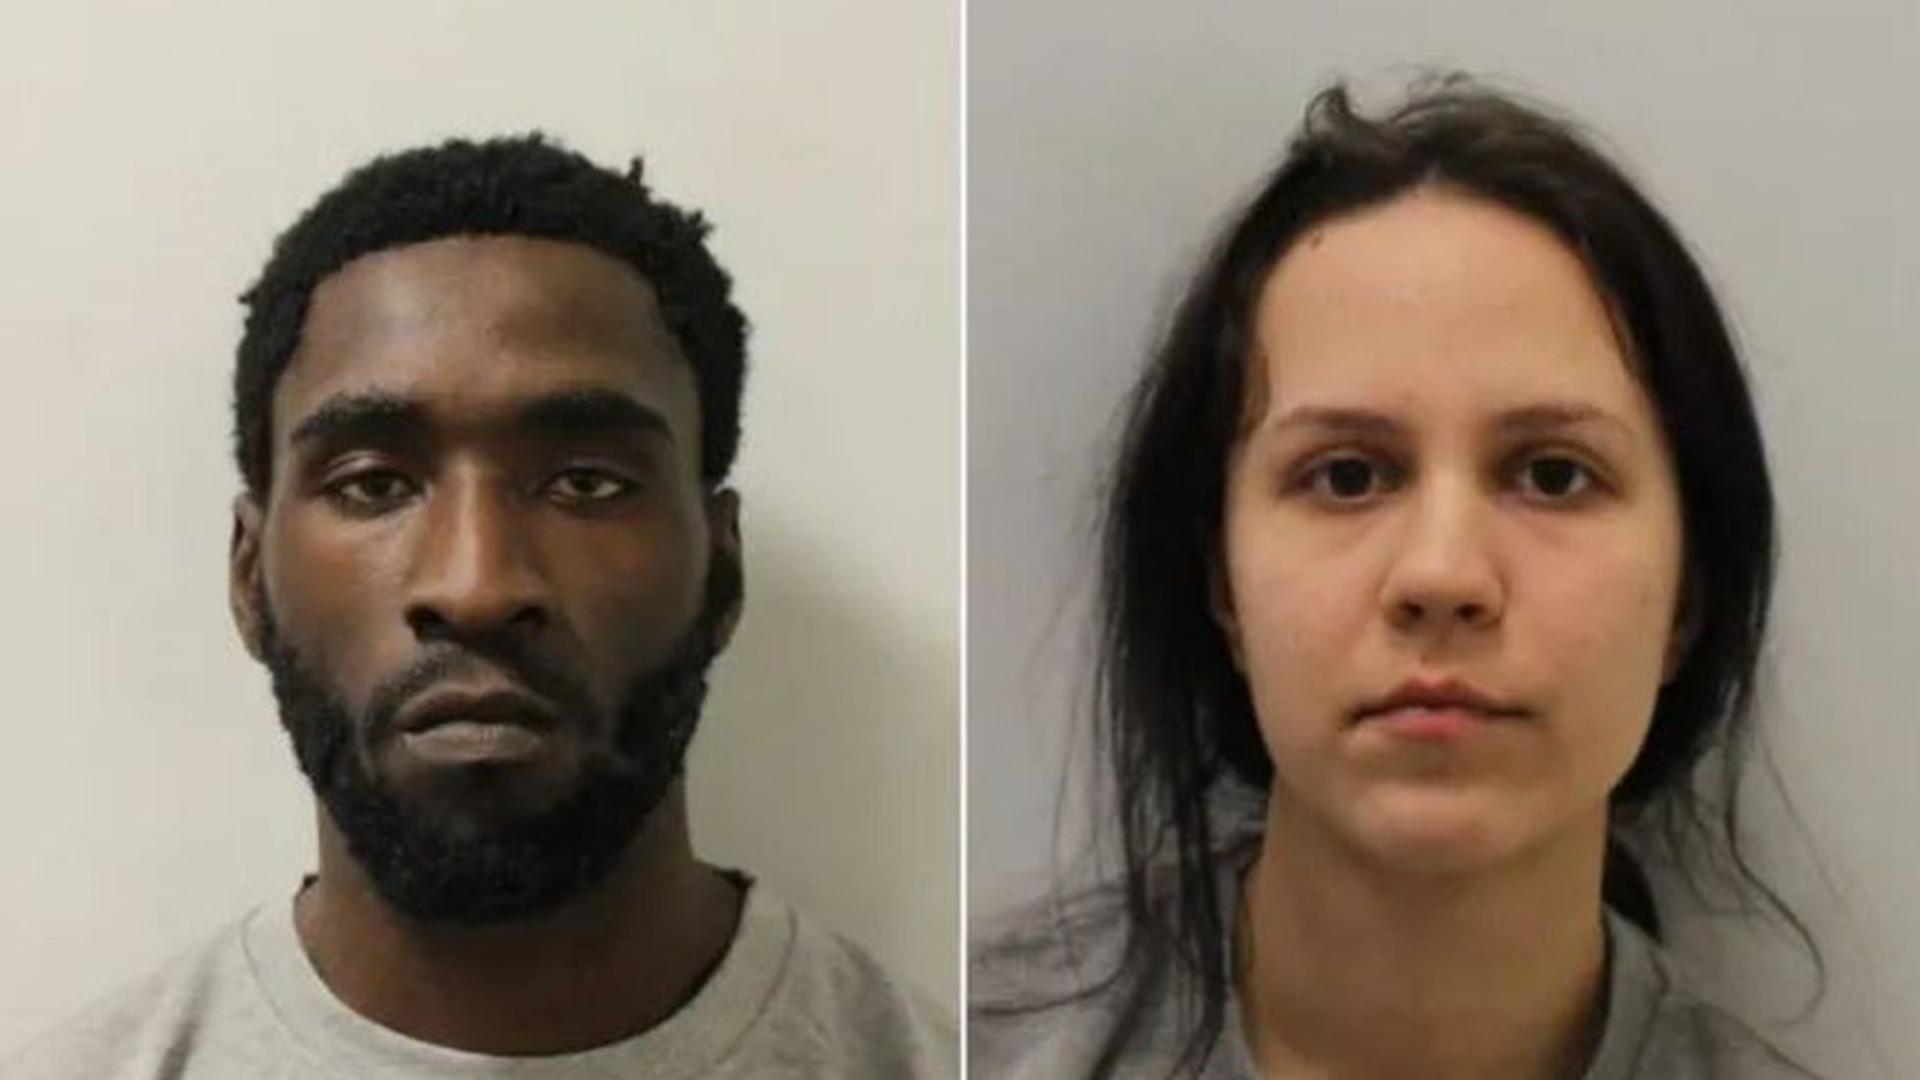 Româncă, acuzată de o crimă odioasă în Marea Britanie Foto bbc.co.uk